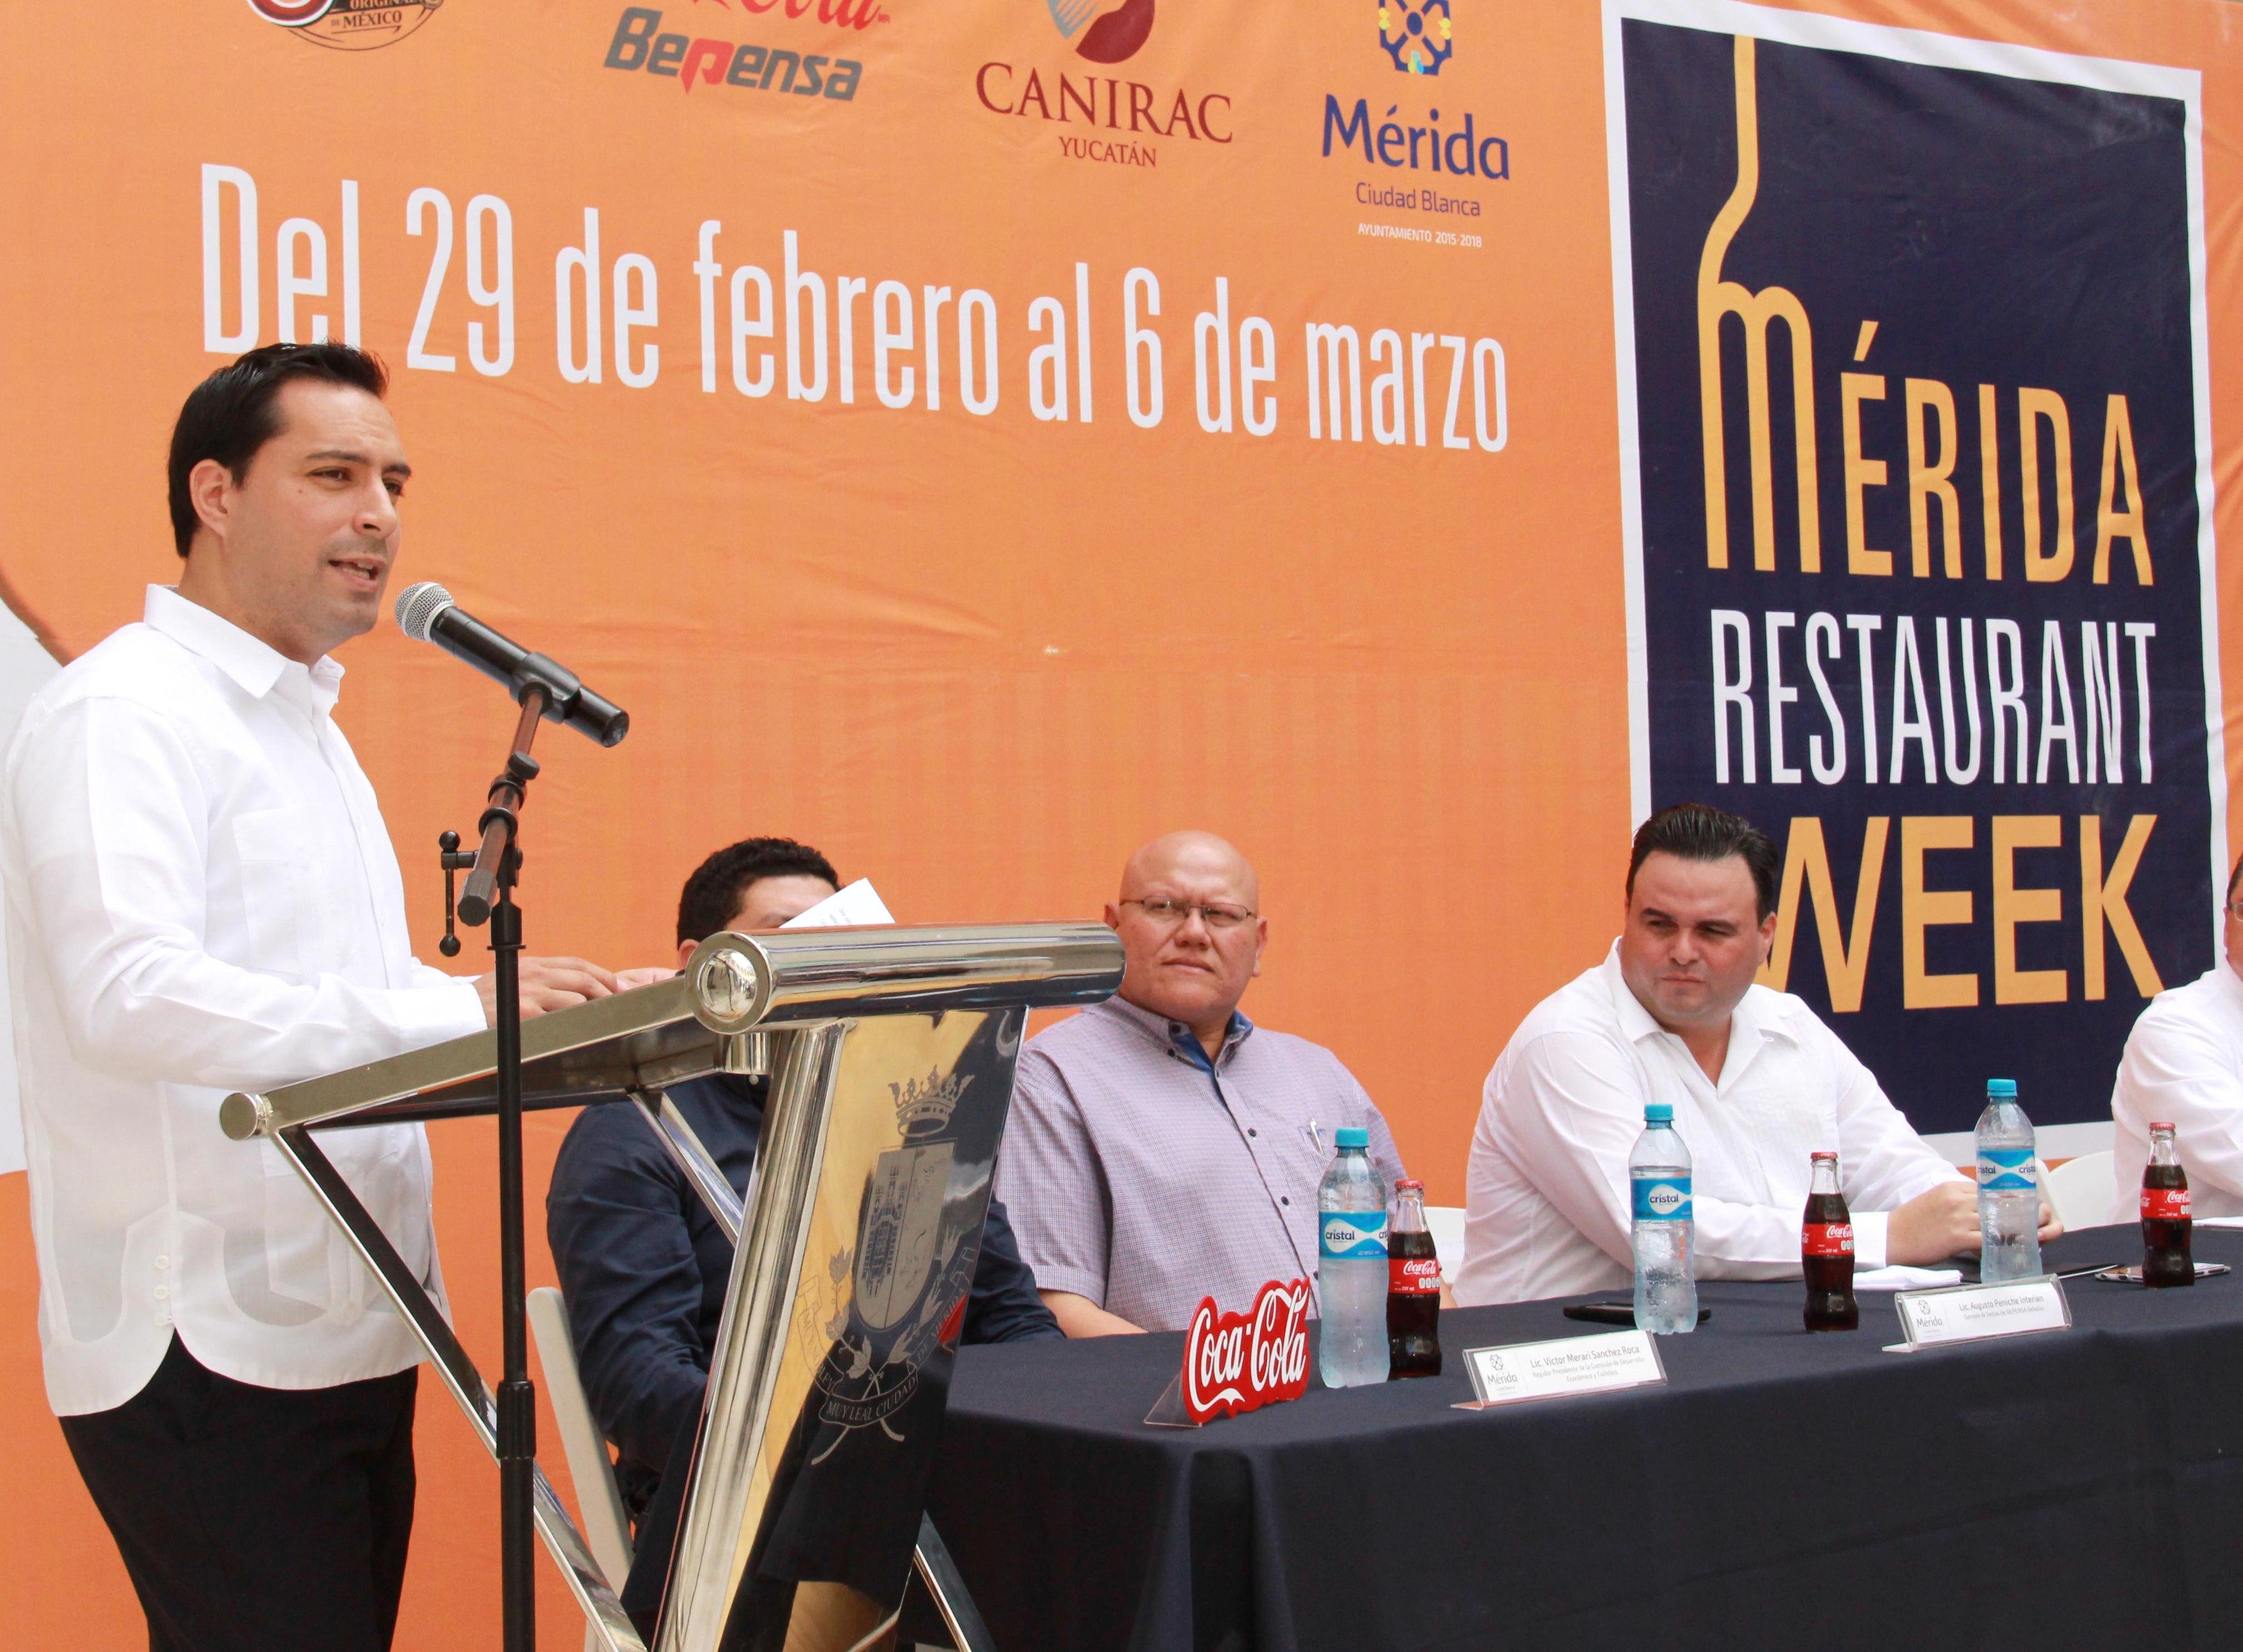 Anuncian el ¨Mérida Restaurant Week¨